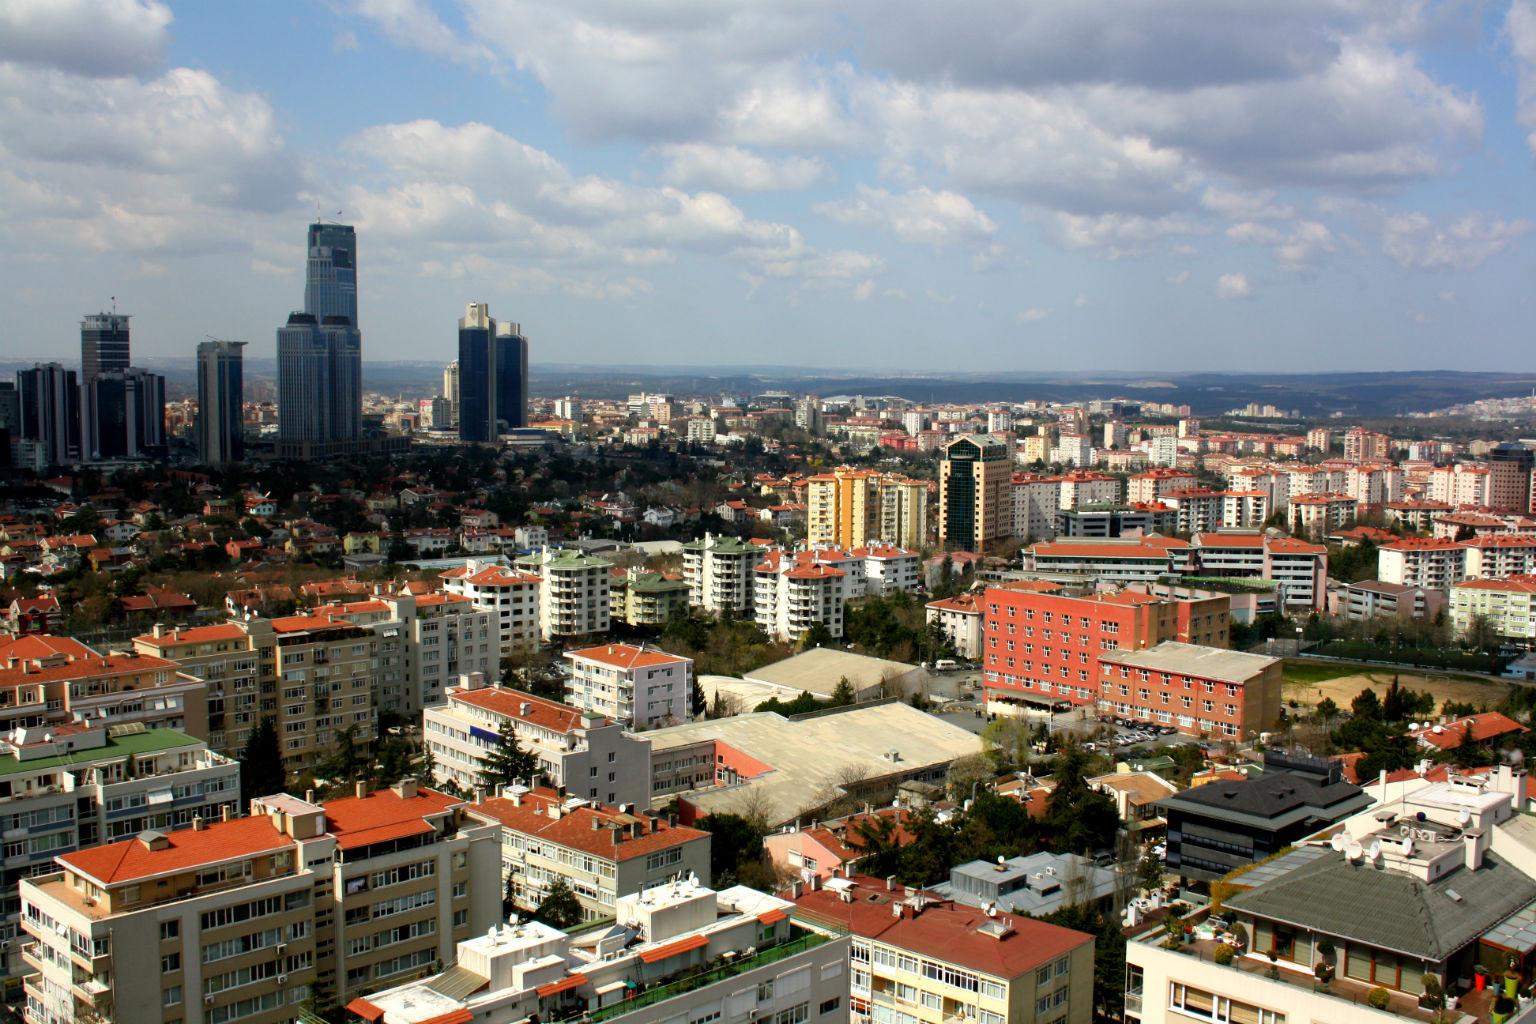 İşte İstanbul'un en değerli 10 mahallesi ve metrekare fiyatları - Sayfa 4